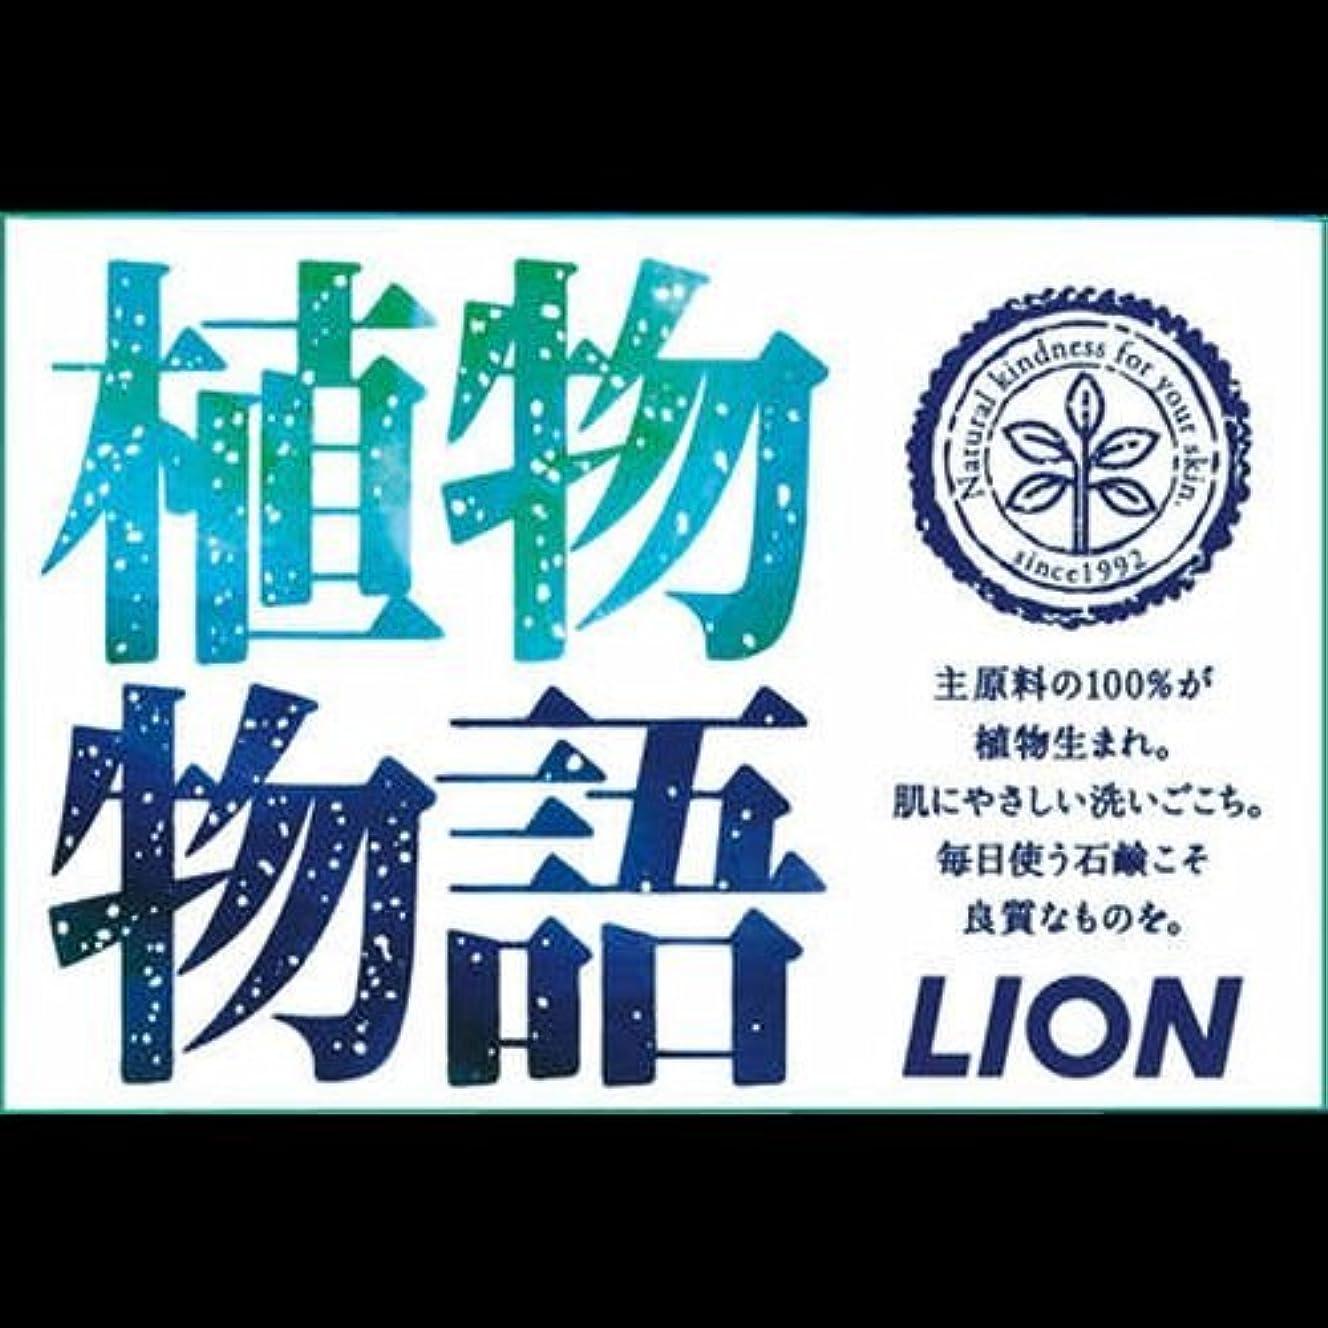 天才ソーシャル選挙ライオン 植物物語 化粧石鹸 90g×1個入 ×2セット